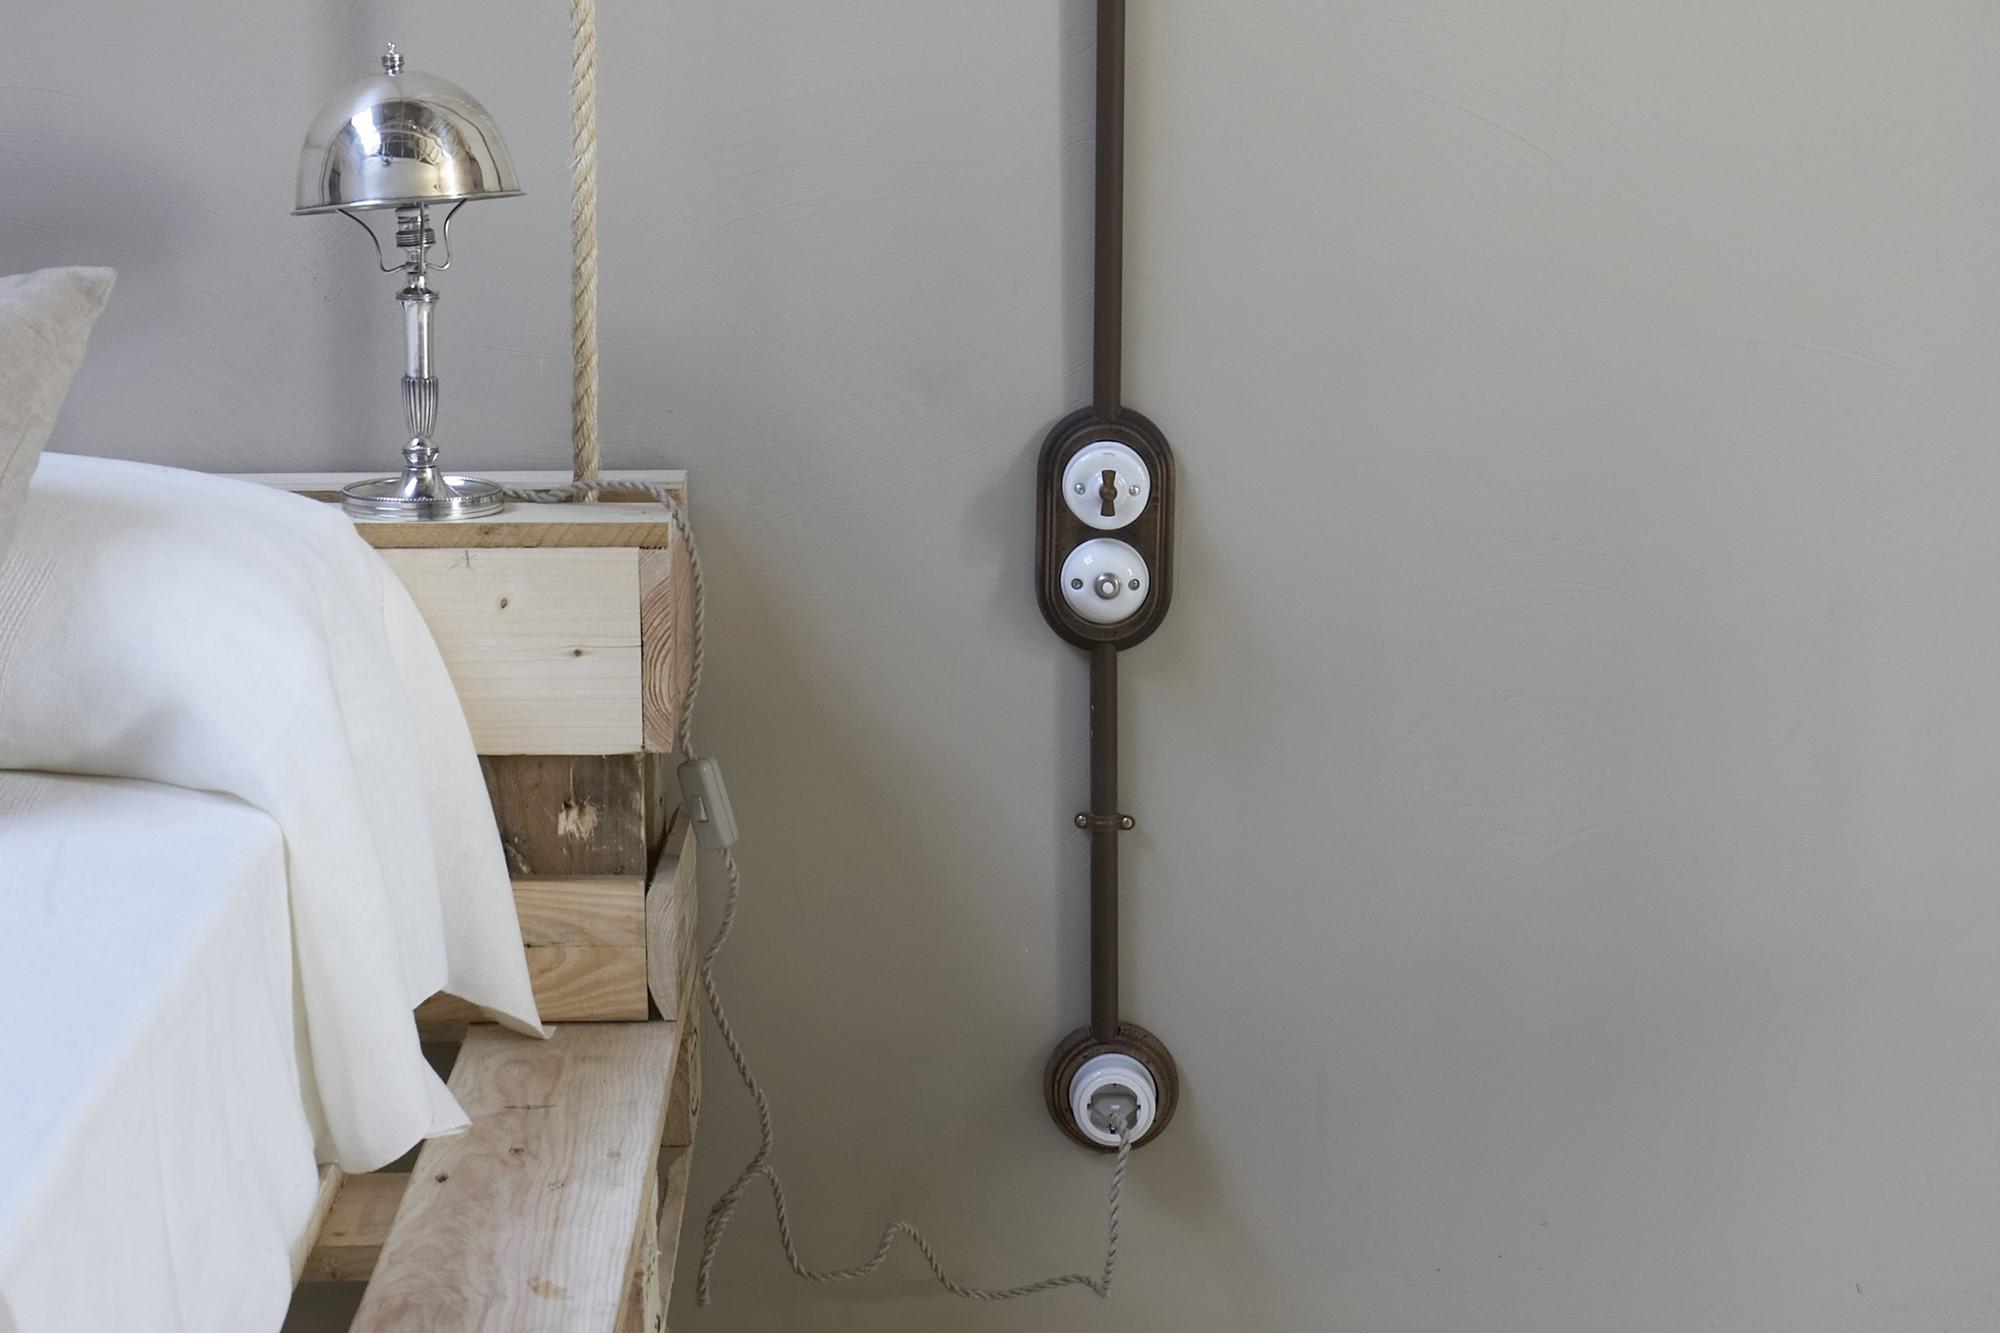 Schaltersystem garby aus porzellan und holz zur for Scatole elettriche esterne